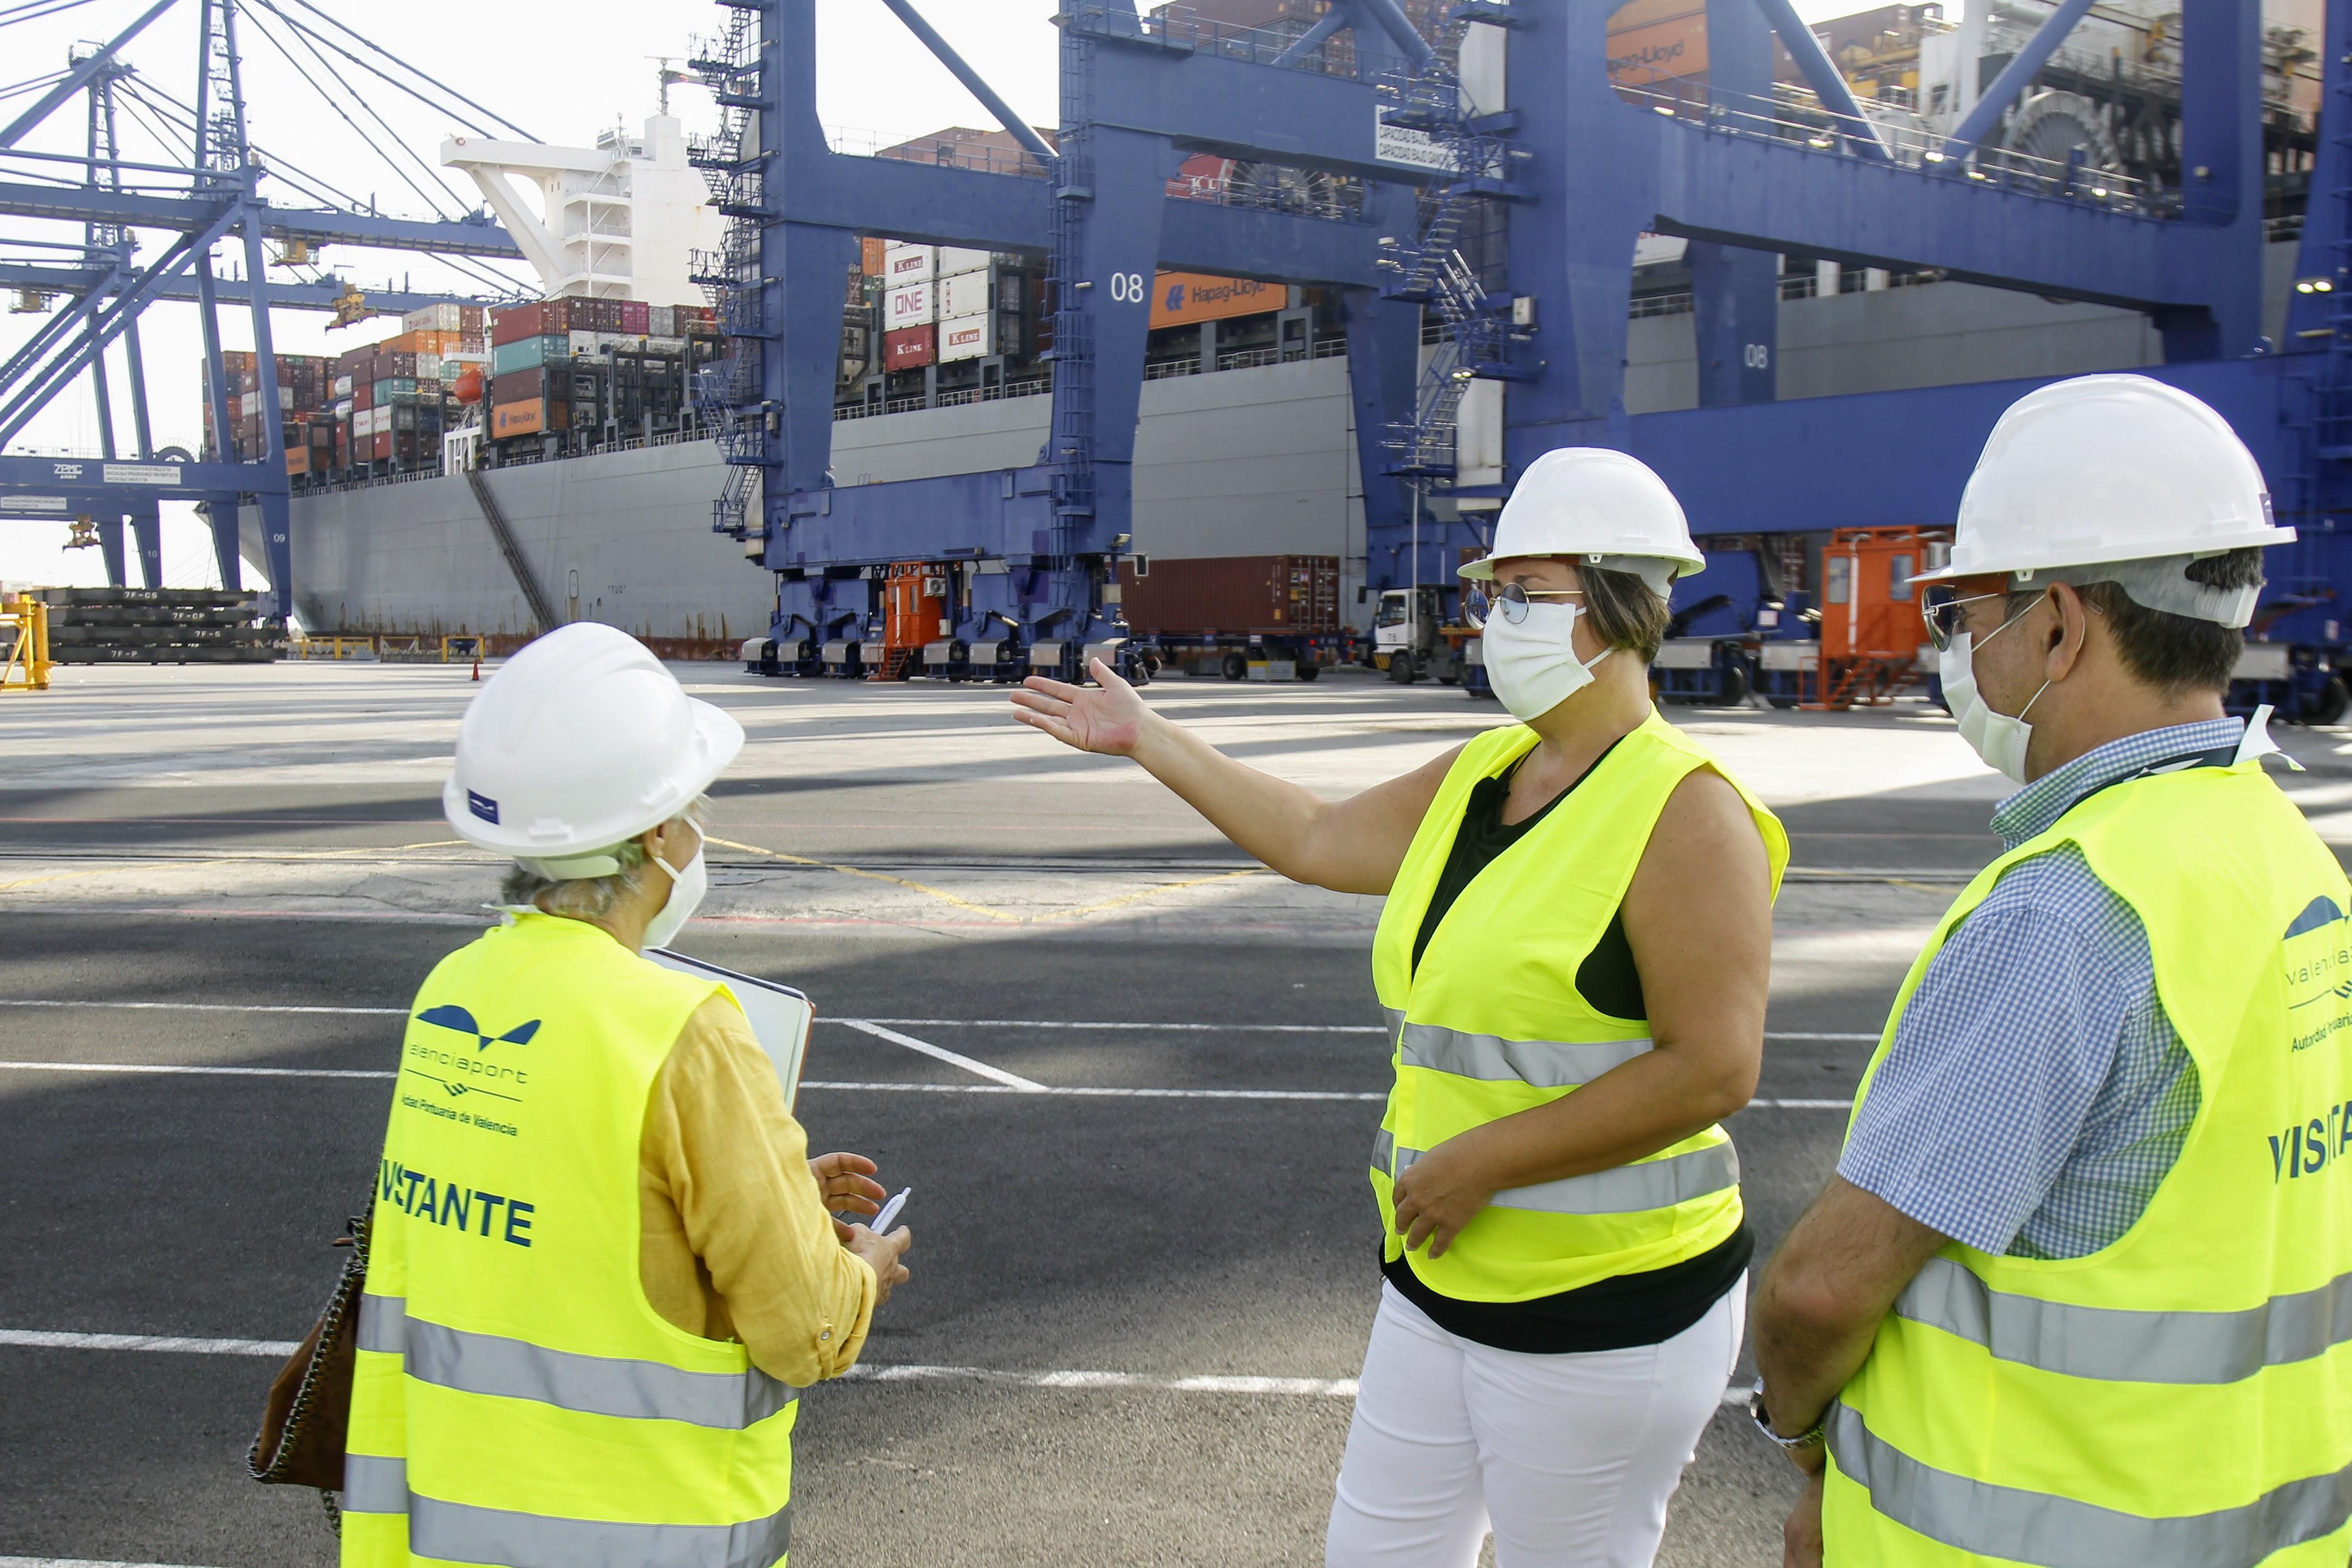 La Generalitat adquireix més de 77 milions de productes sanitaris via marítima carregats en 60 contenidors i garanteix les necessitats dels sis me...